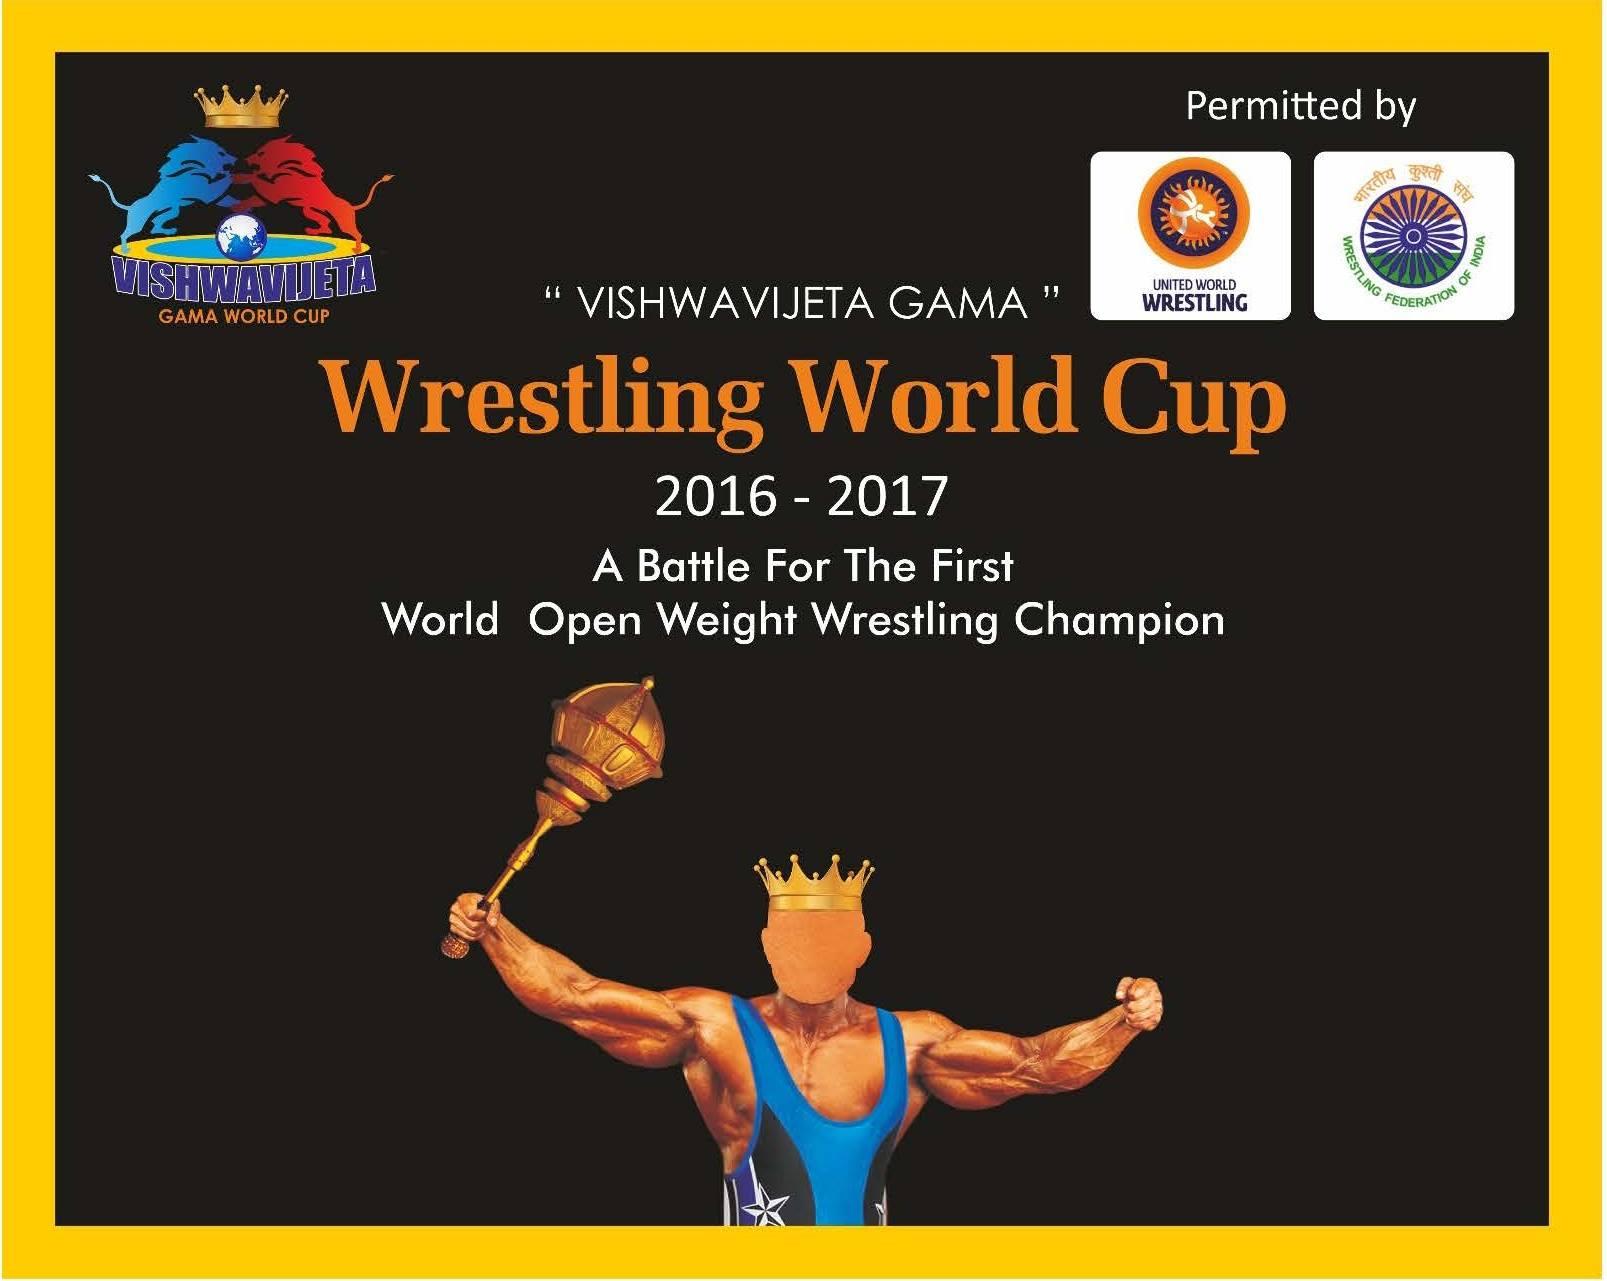 Vishwavijeta Gama Wrestling World Cup